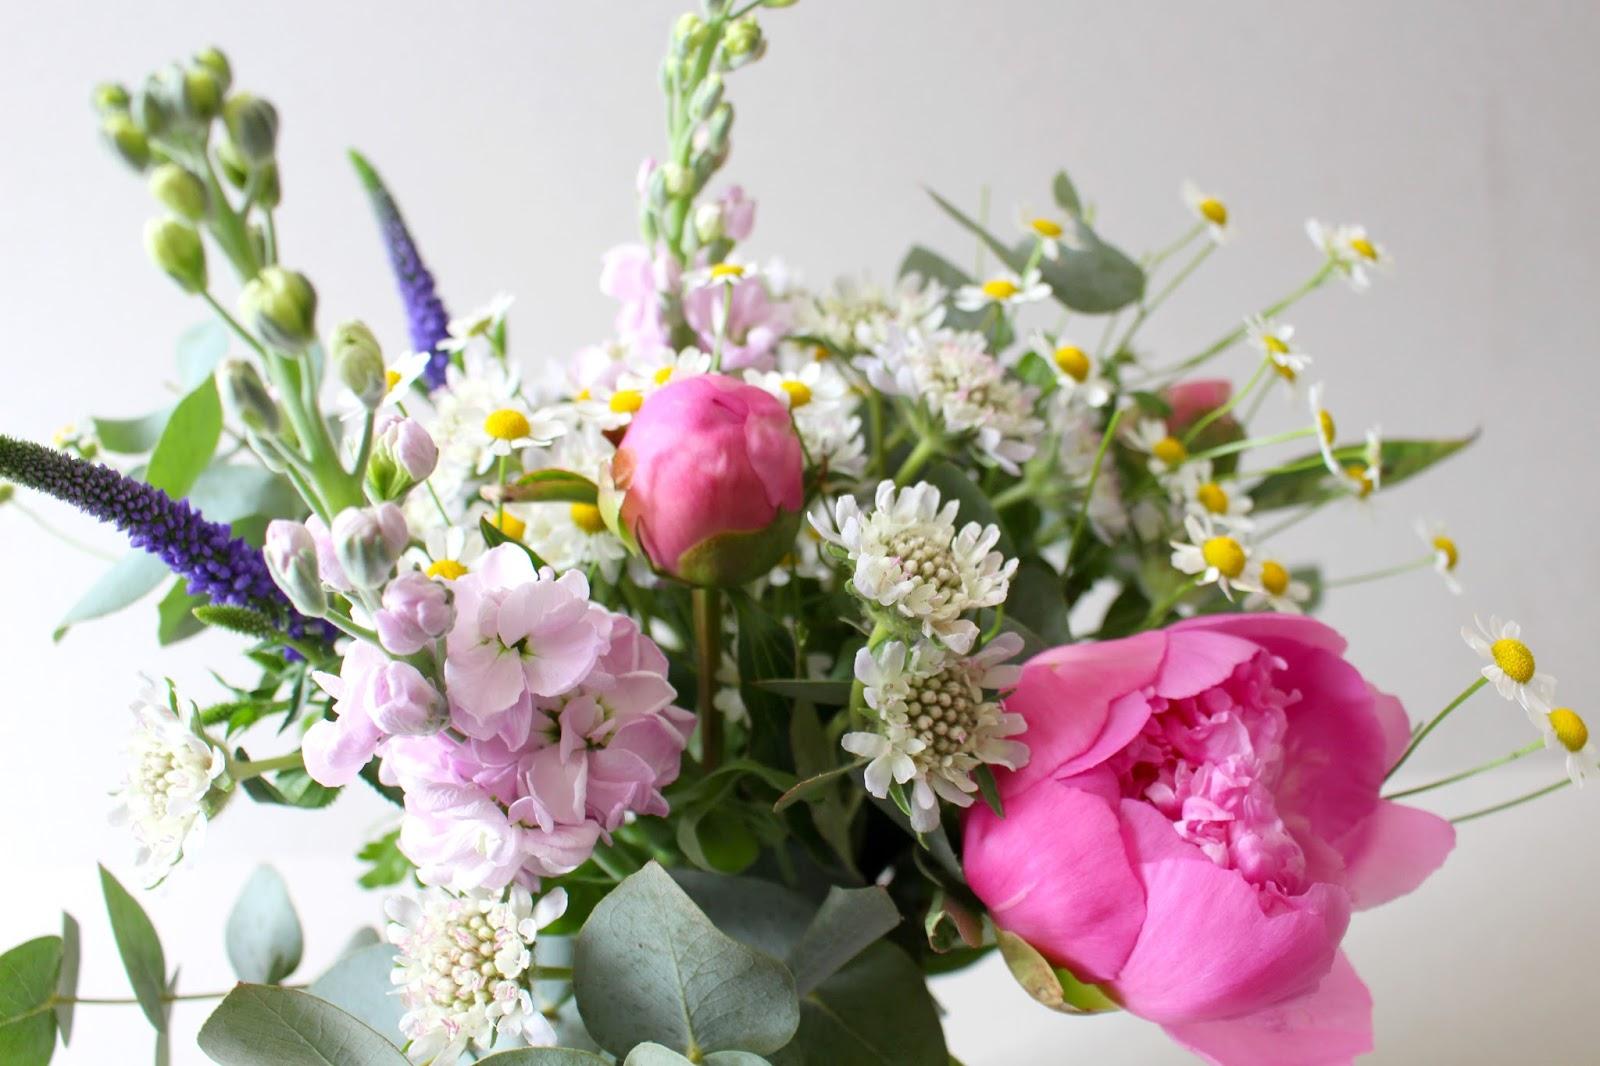 la petite boutique de fleurs fleuriste mariage lyon livraison du jour pivoines scabieuses. Black Bedroom Furniture Sets. Home Design Ideas